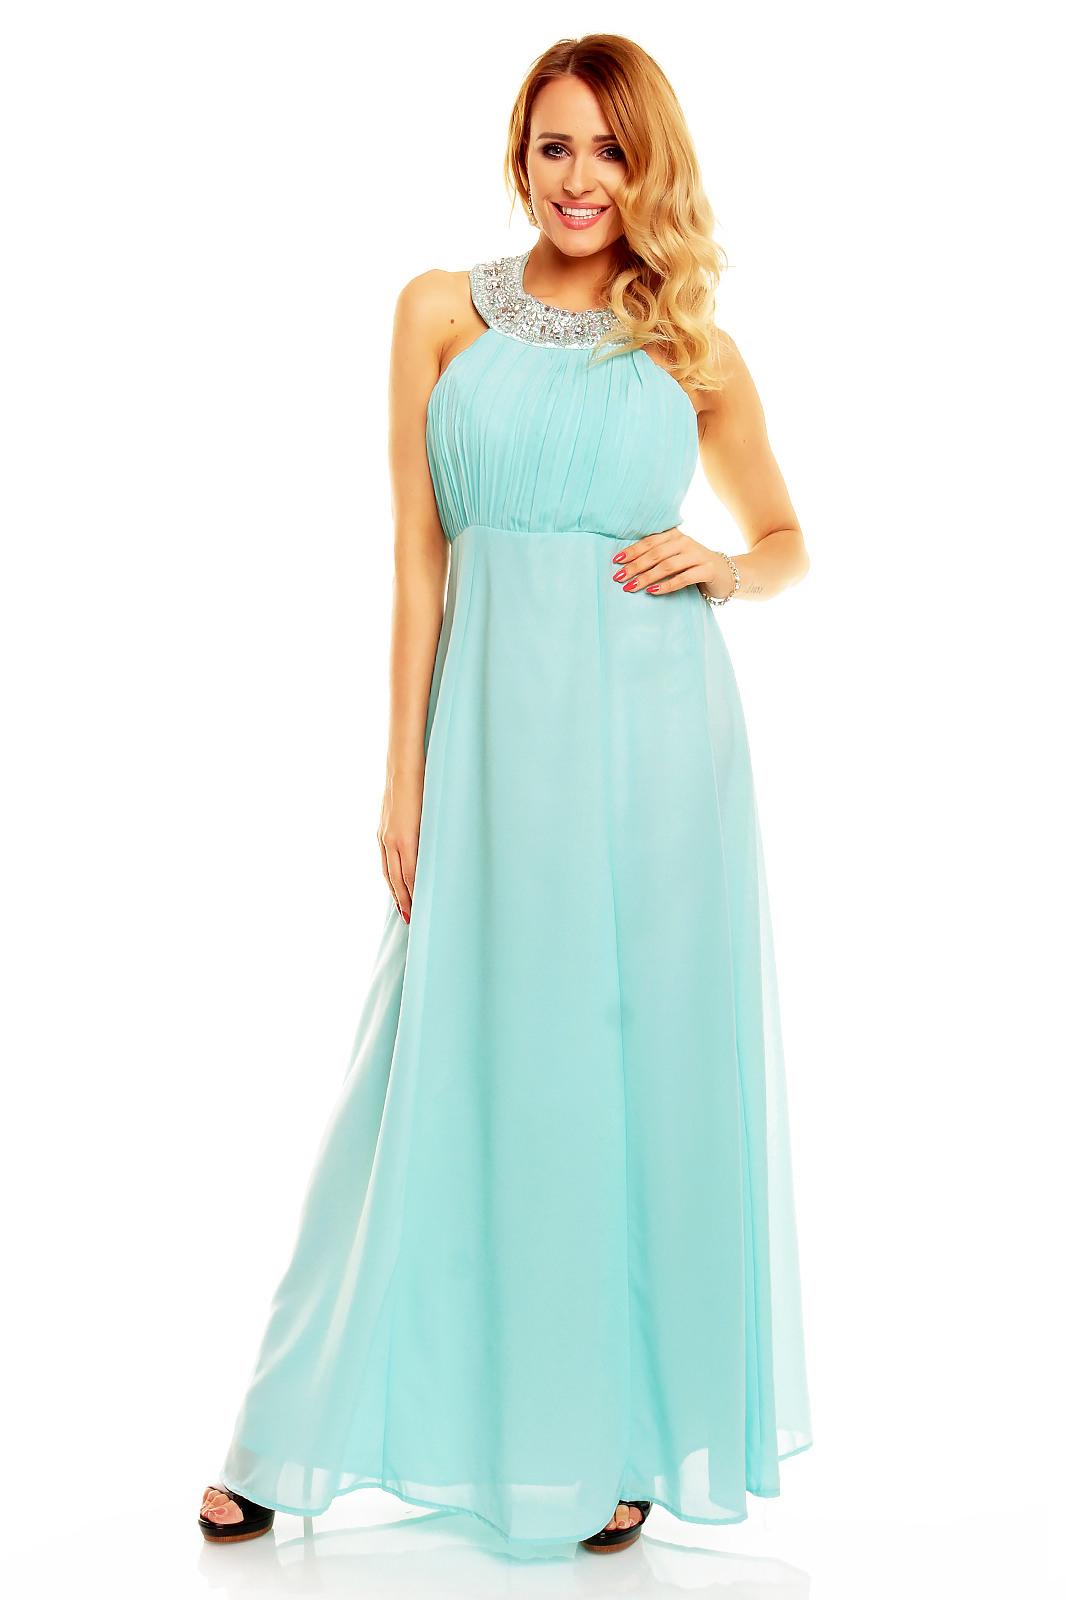 Designer Perfekt Kleid Lang Mint StylishDesigner Fantastisch Kleid Lang Mint Boutique